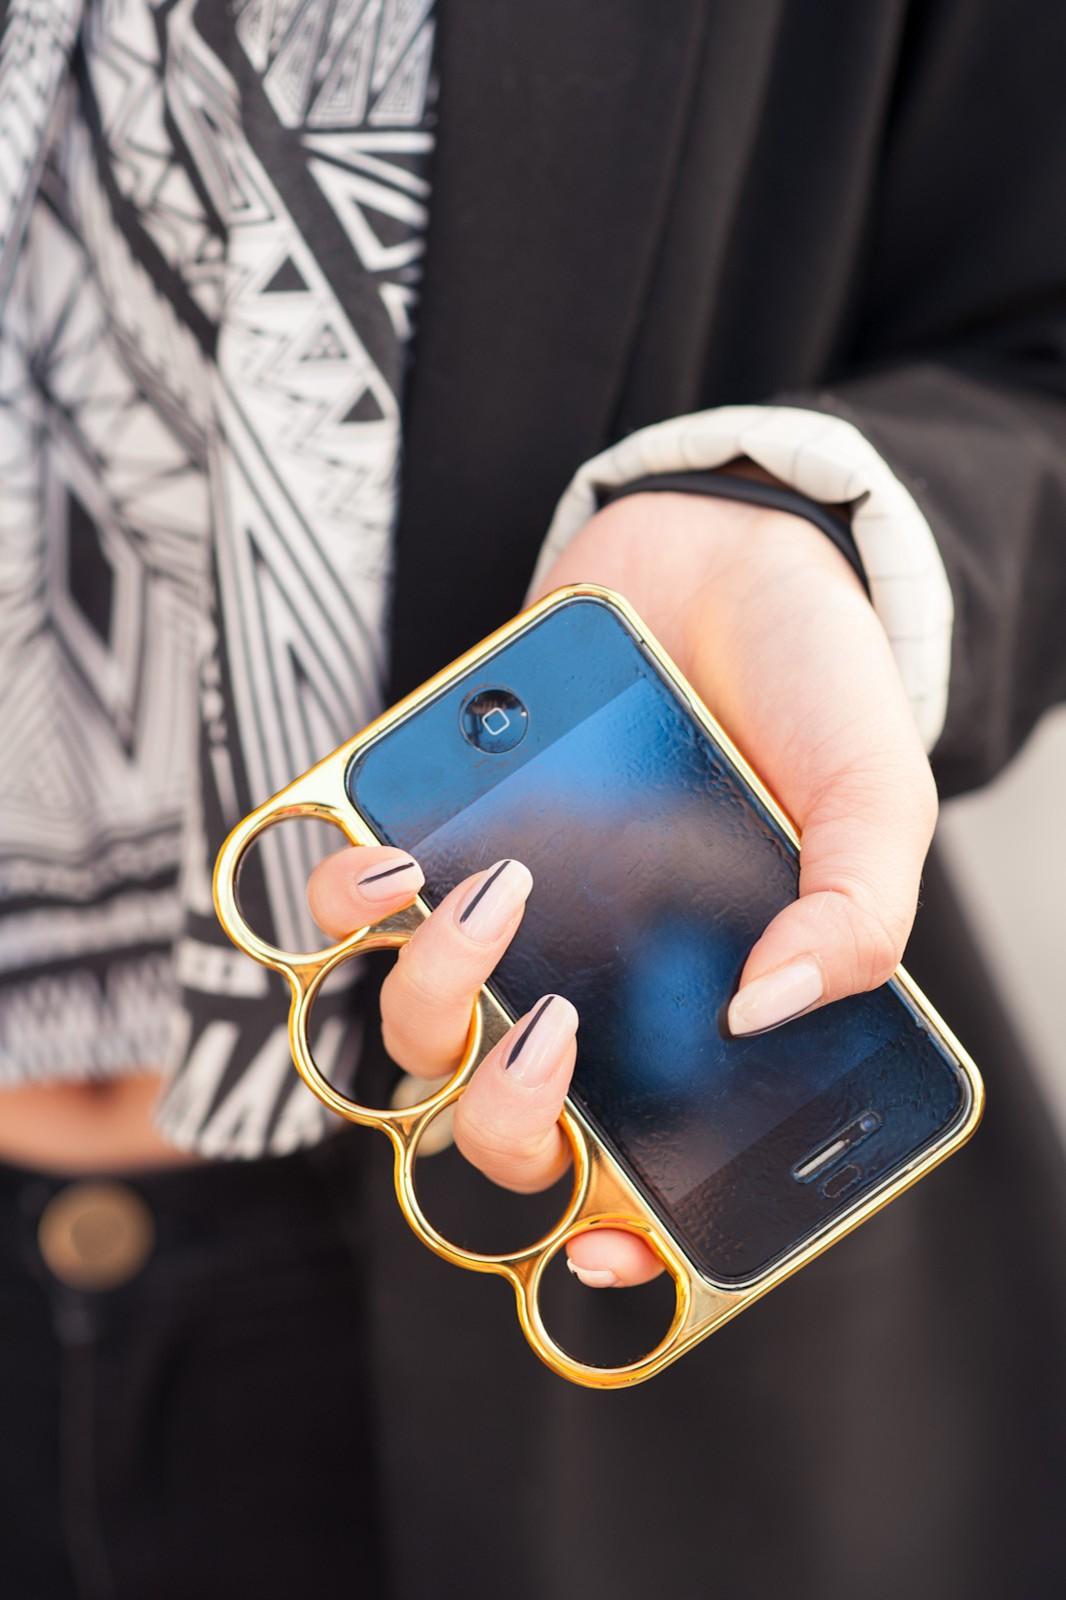 4387862d282 funda de cobre para iphone que tiene aros para que la sostengas con los  nudillos